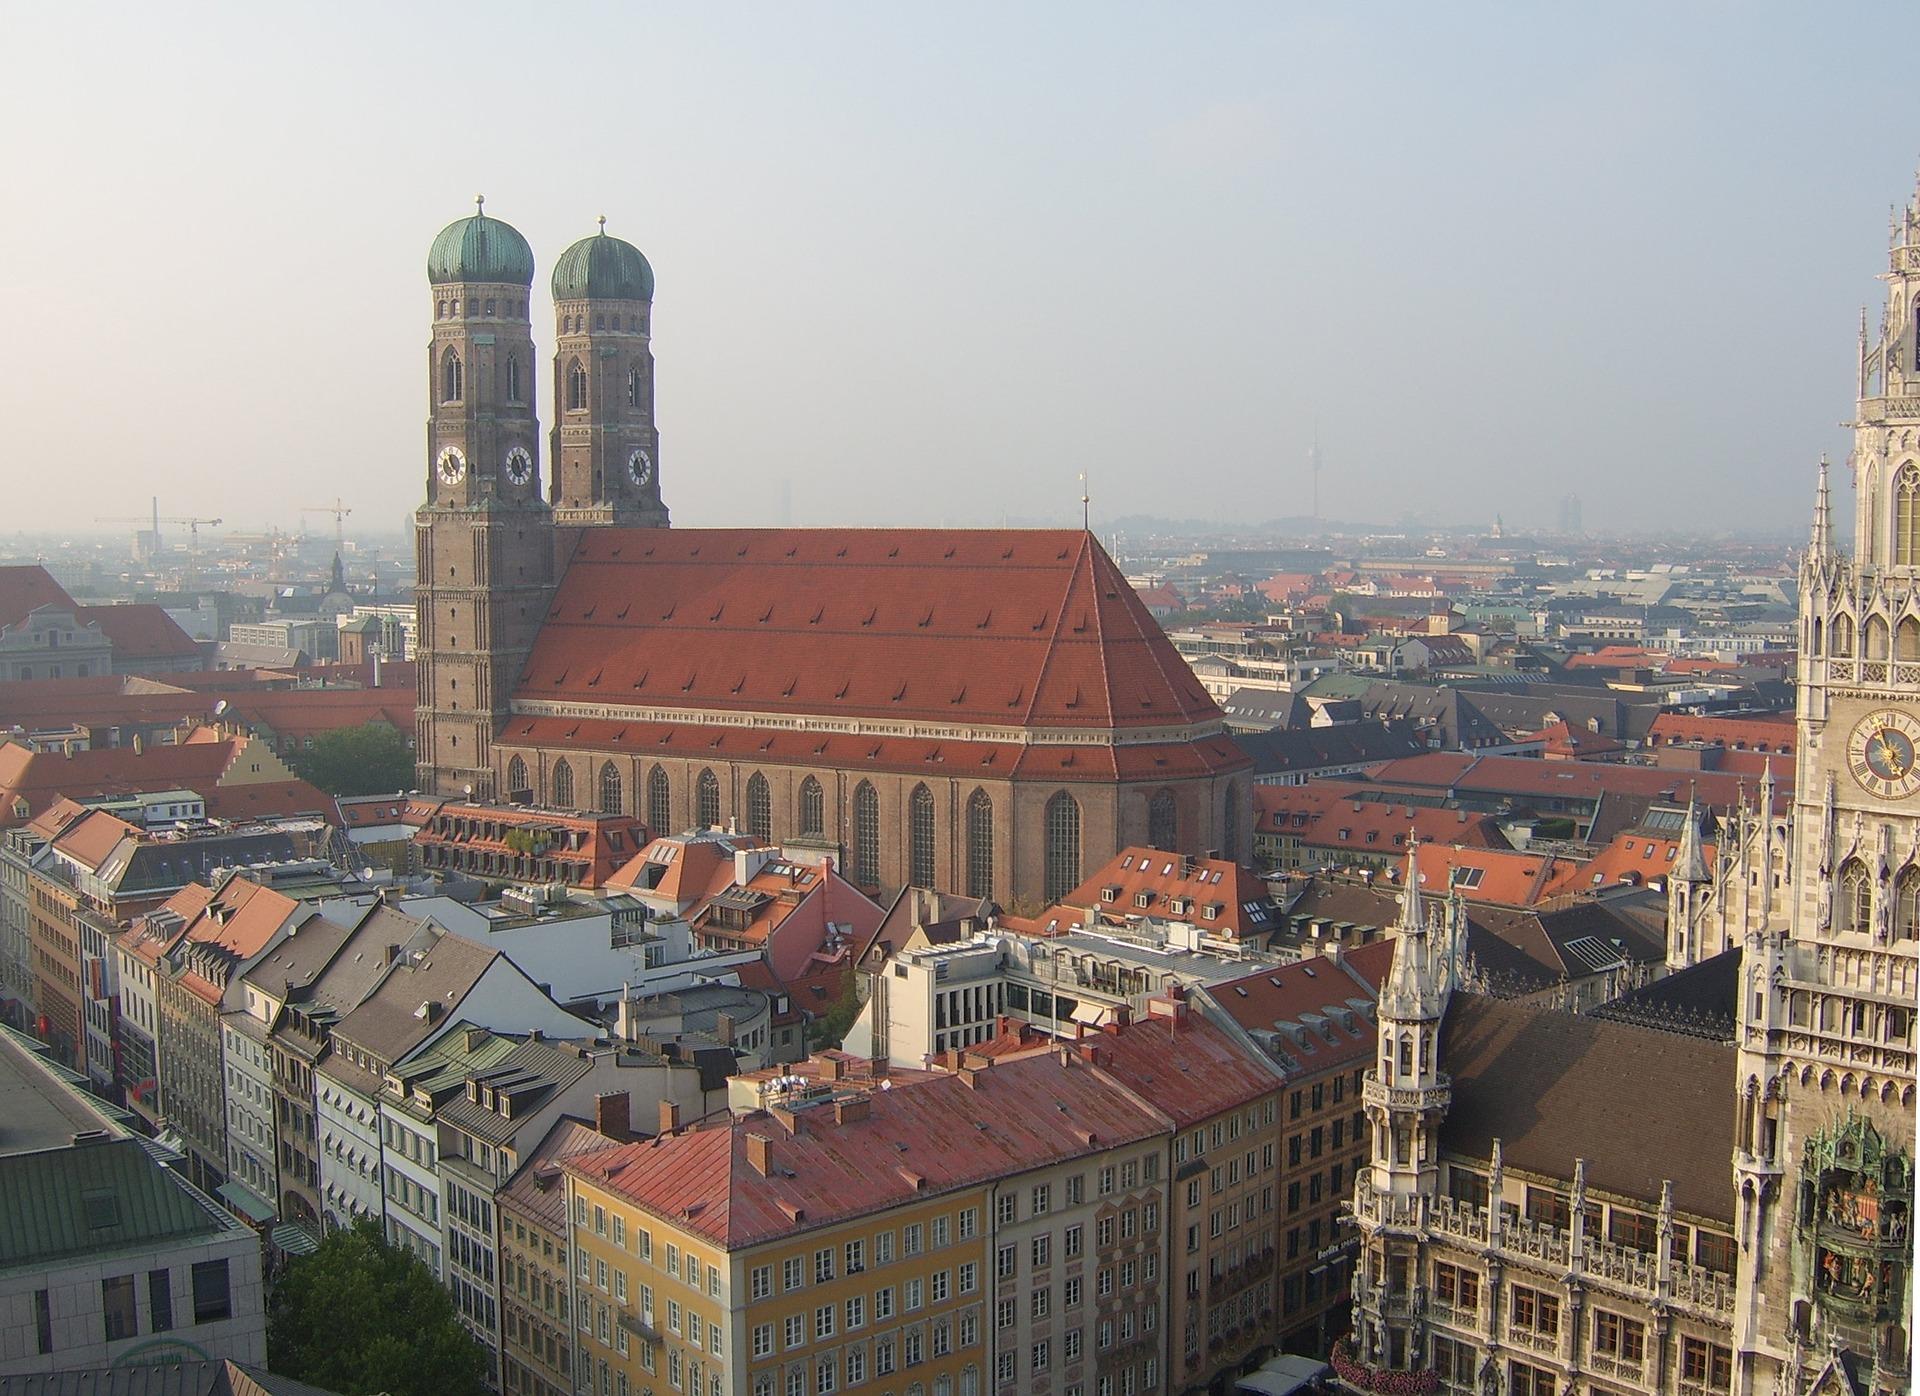 Strzelanina w Monachium – słownictwo